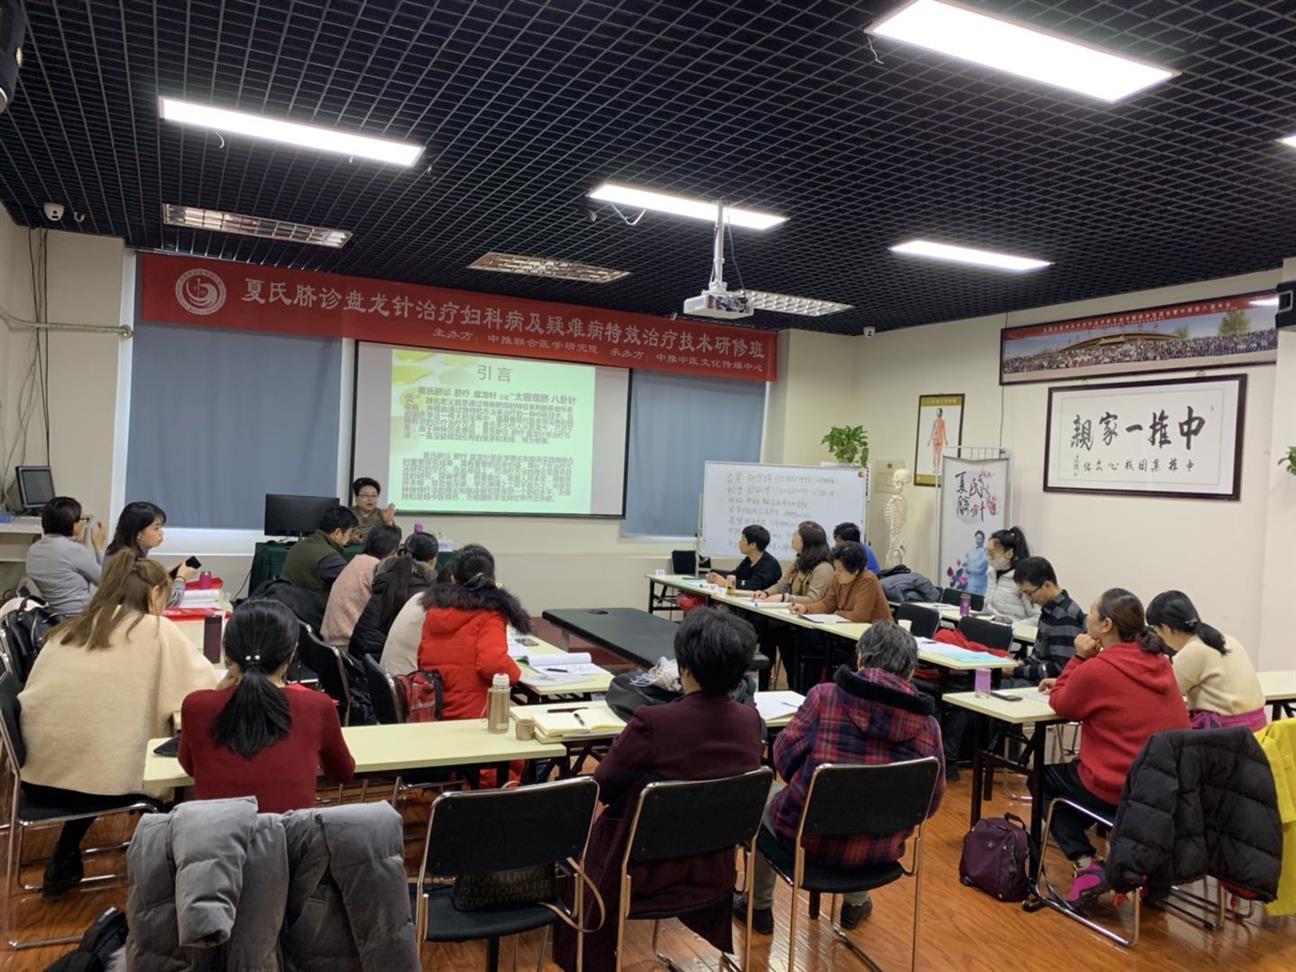 上海针灸培训夏连红脐诊夏氏脐针培训